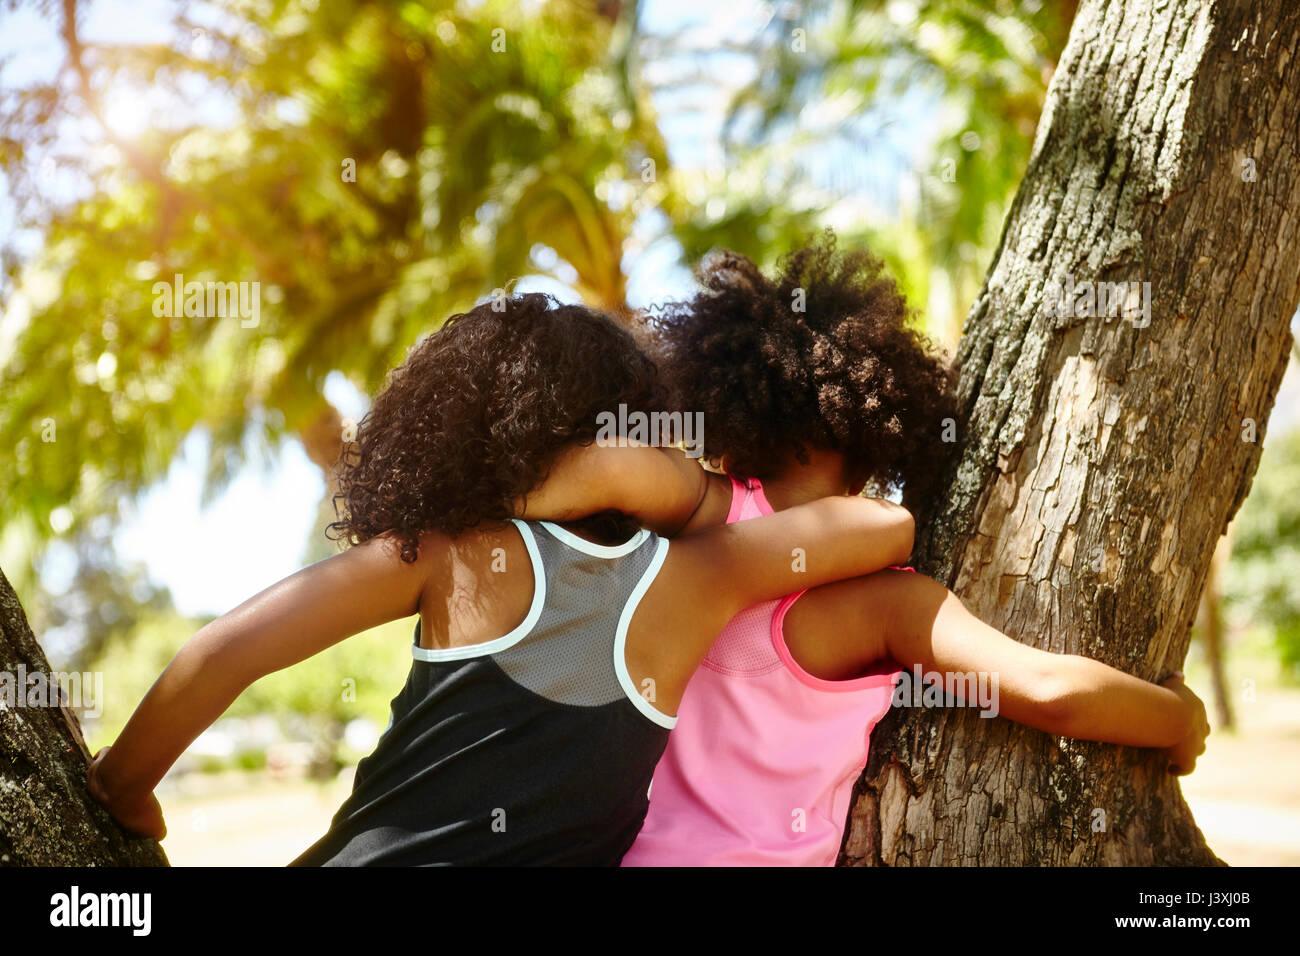 Dos hermanas jóvenes jugando en árbol. Vista trasera Imagen De Stock